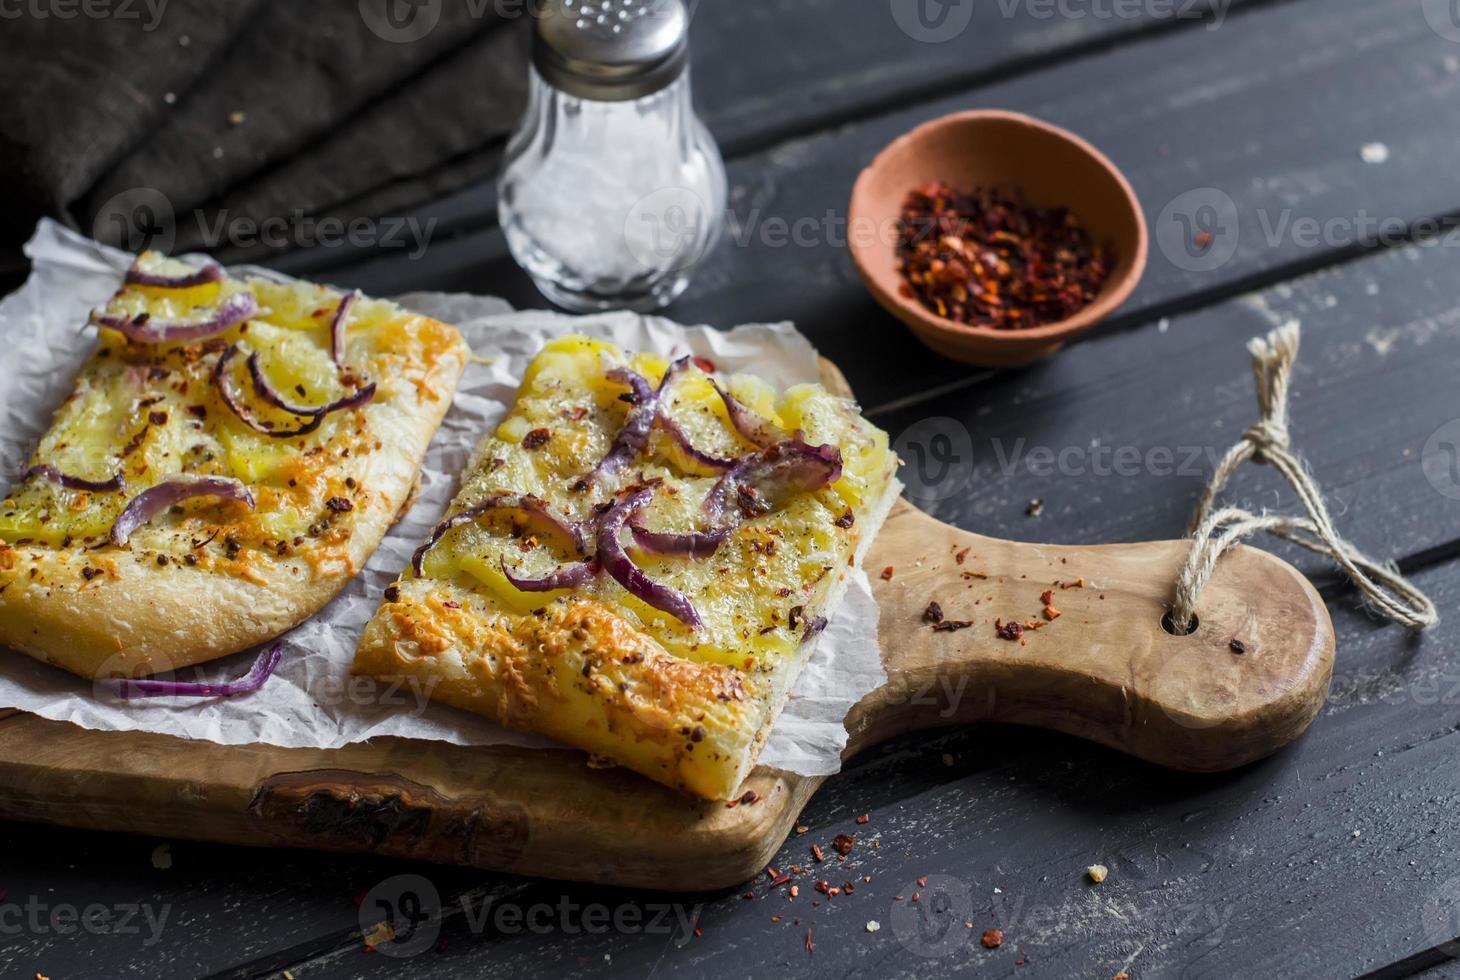 torta crocante rústica simples com batatas, queijo e cebola vermelha. foto